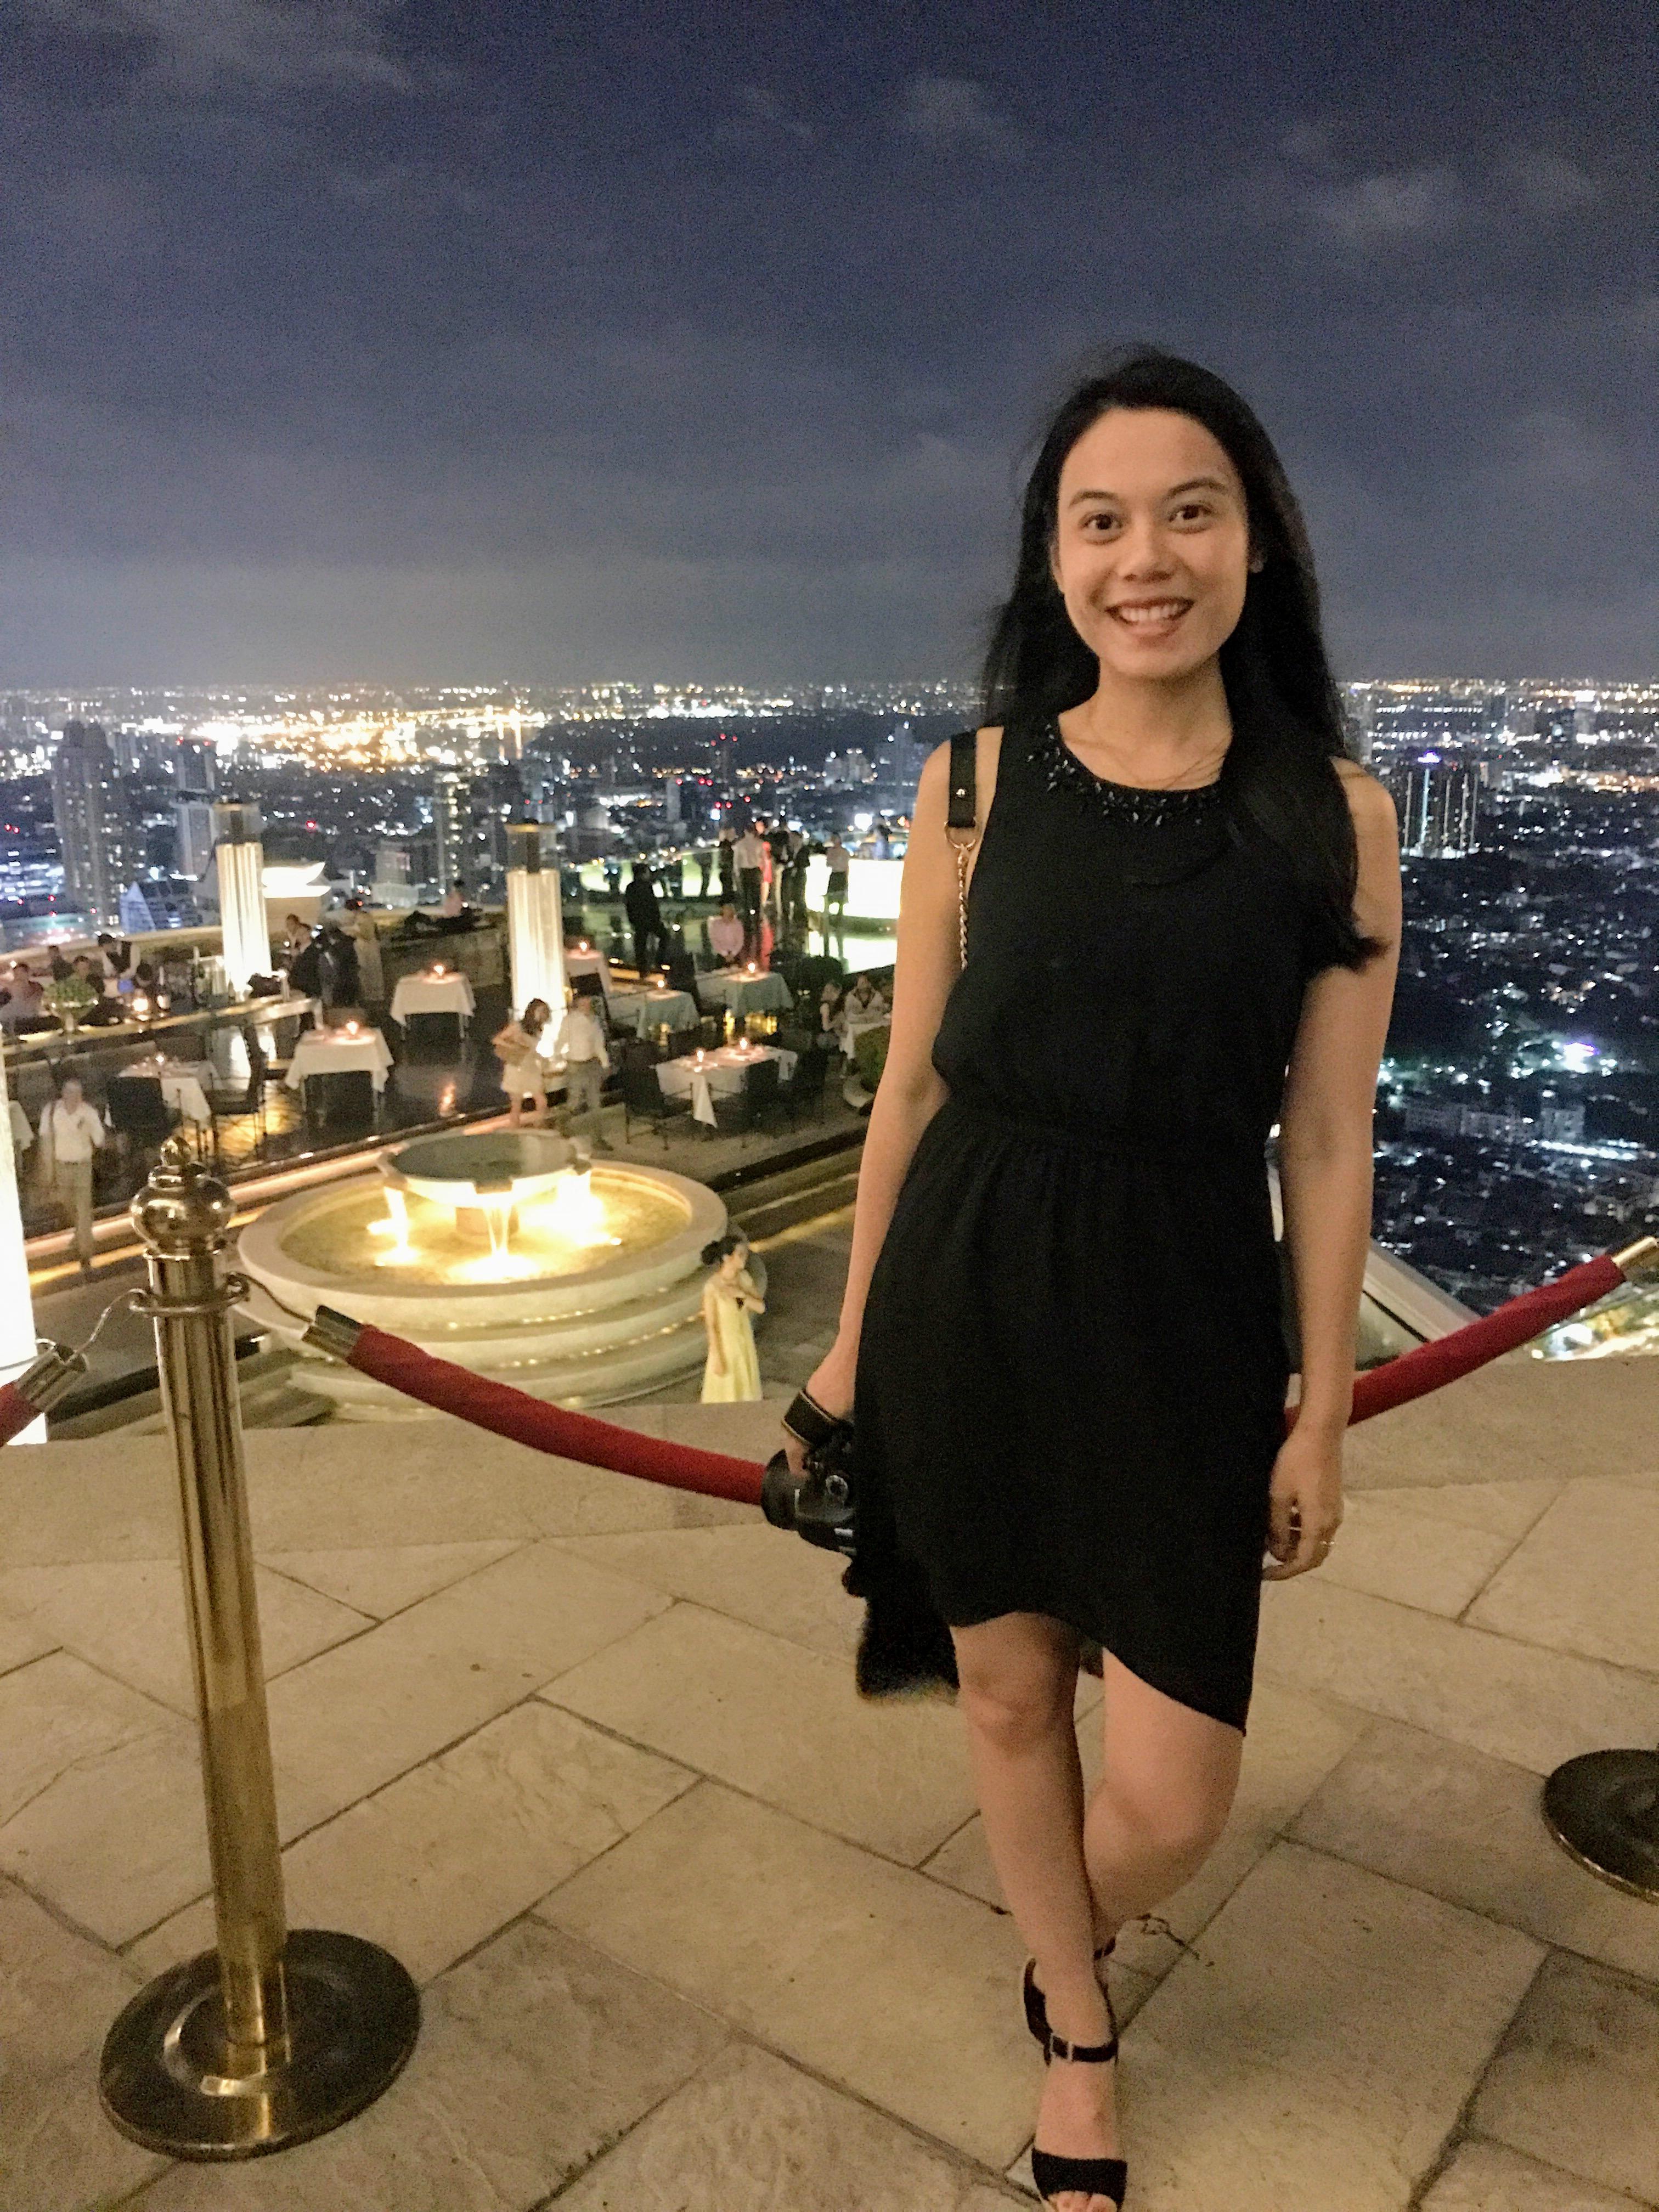 Bangkok-Tipps für Skeptiker | Lebua State Hotel - Sirocco Bar | www.dearlicious.com | Dear Nitjakan Bunbuamas